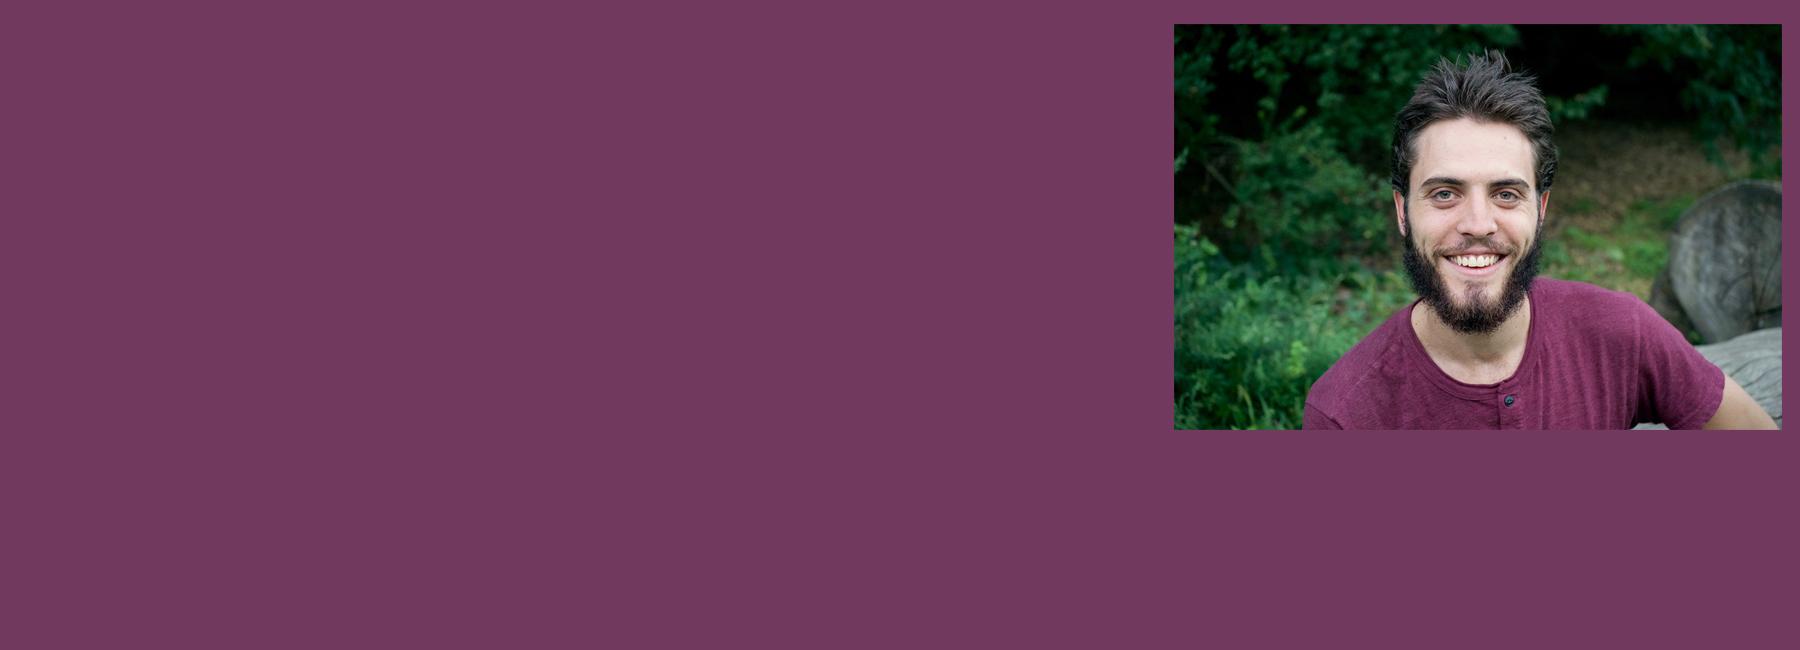 רביעיית יותם בן-אור - השקת אלבום הבכורה Sitting on a Cloud